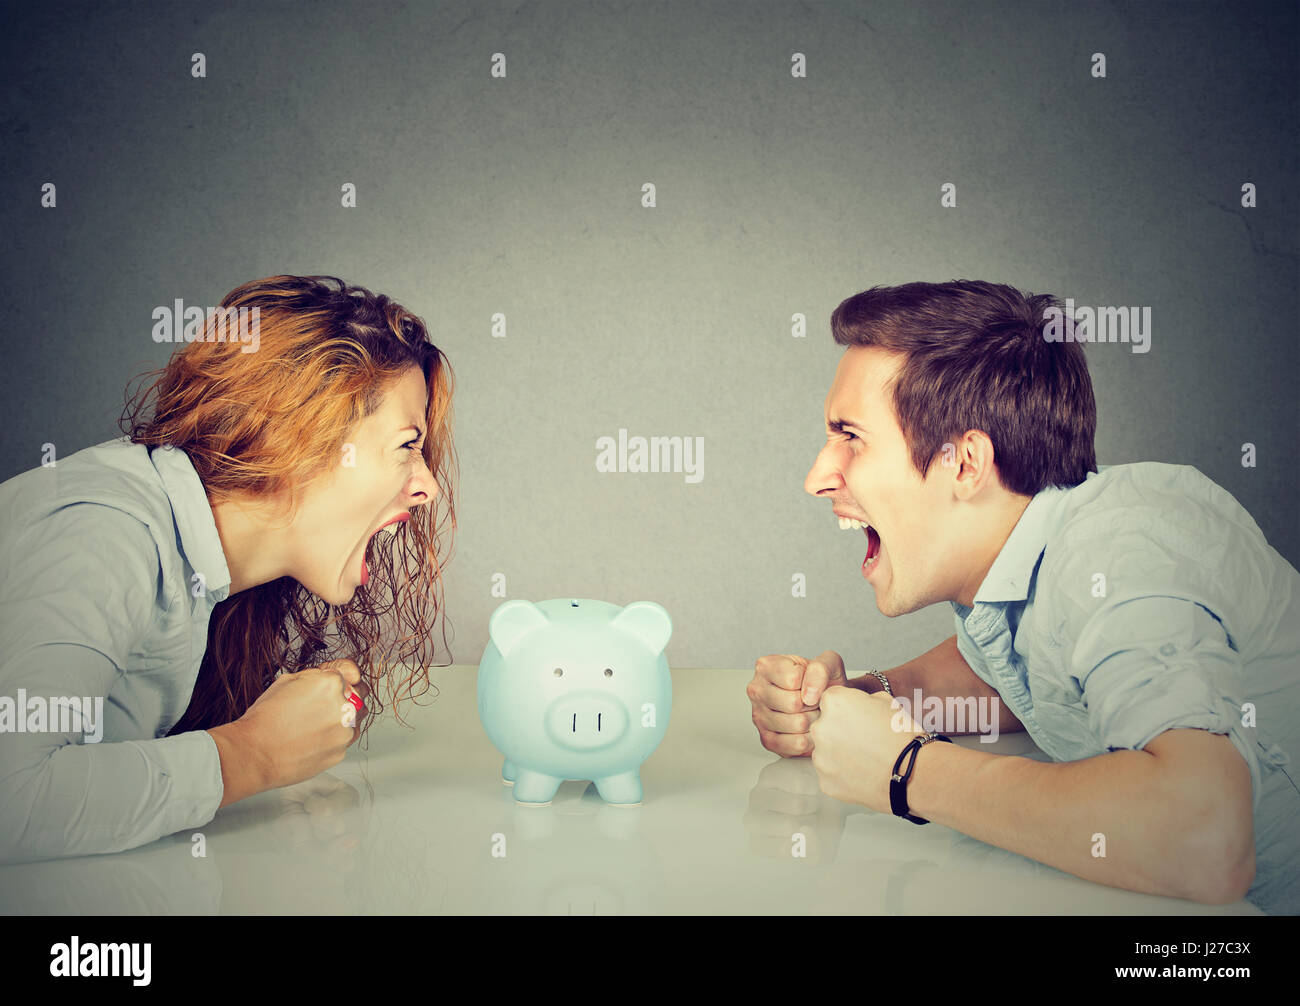 Finanzen in Scheidung-Konzept. Frau und Mann können nicht schreien Sparschwein Siedlung dazwischen sitzen am Stockbild